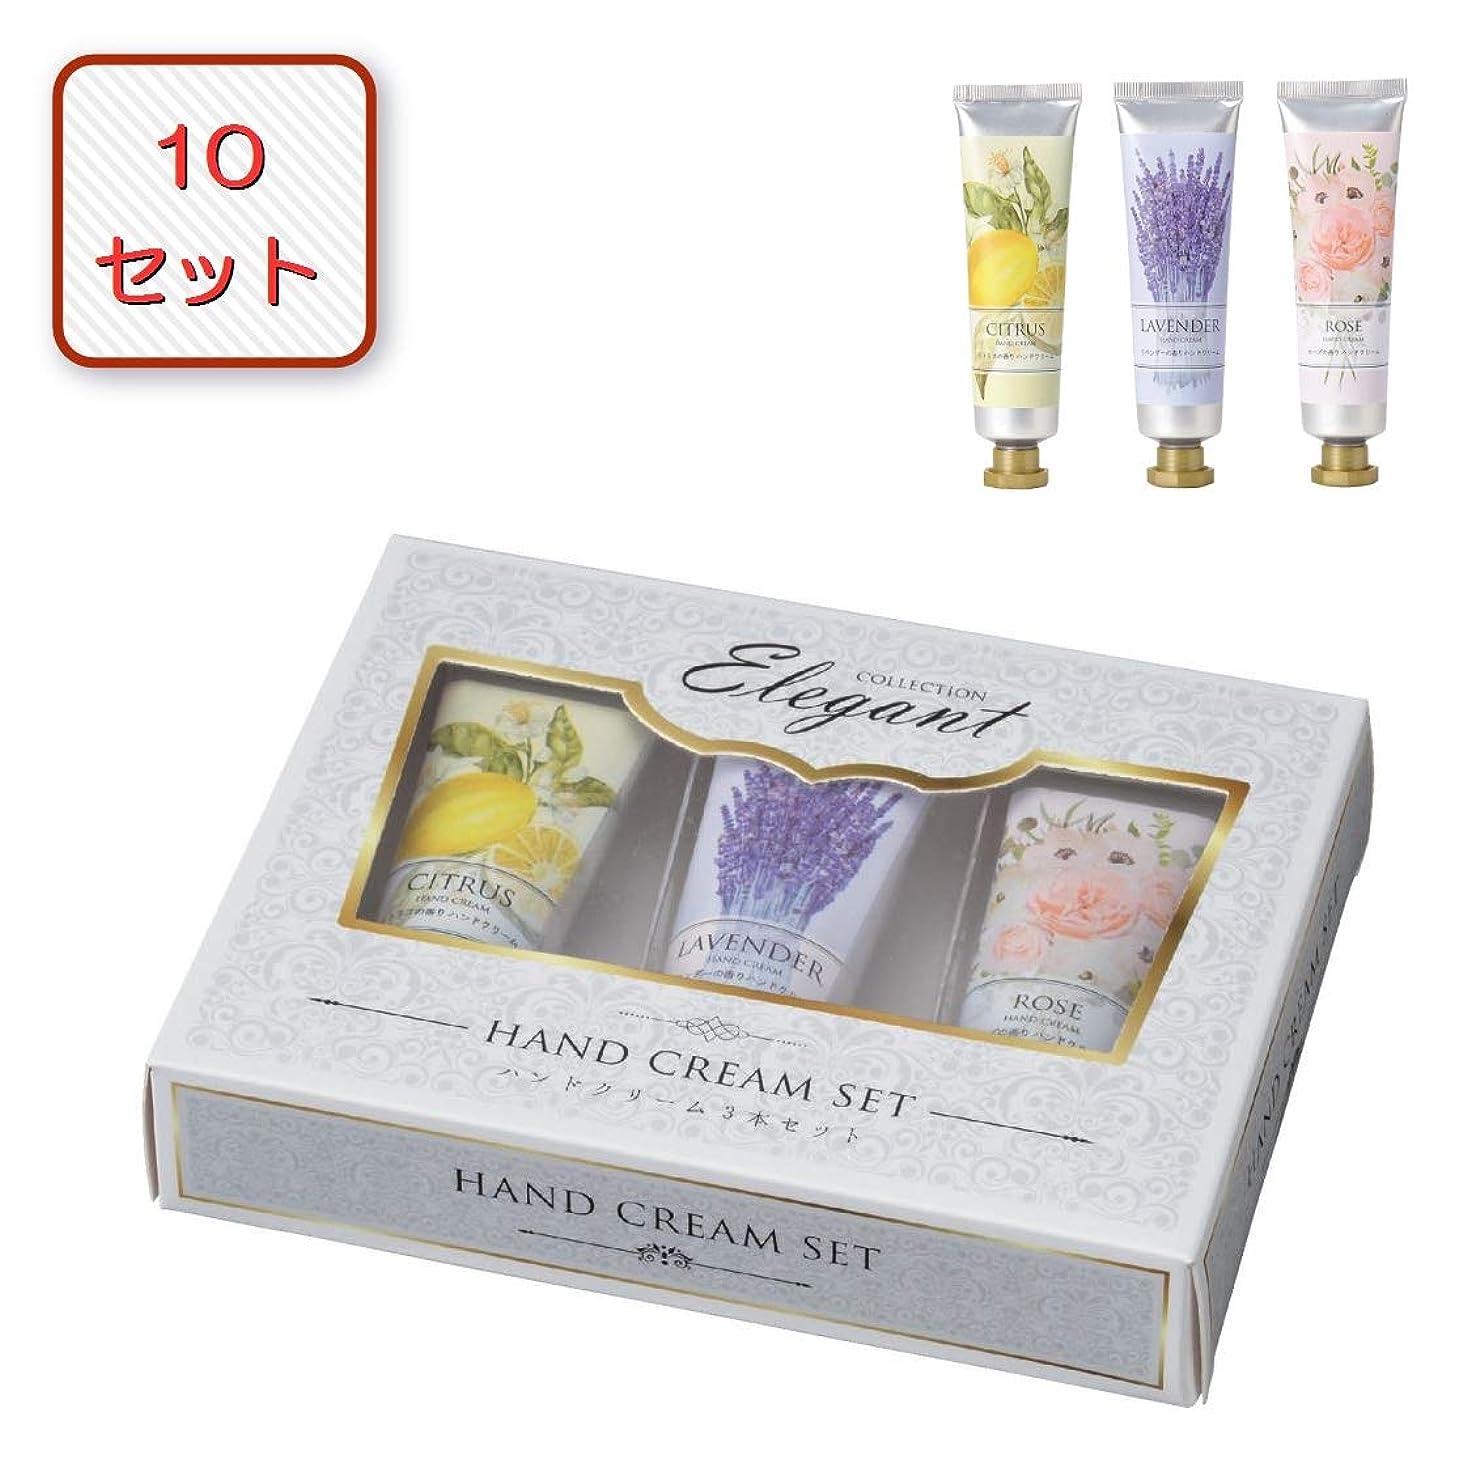 粒子八百屋さんつば【10セット販売】エレガントなフレーバーが香る保湿ハンドクリーム3本セット